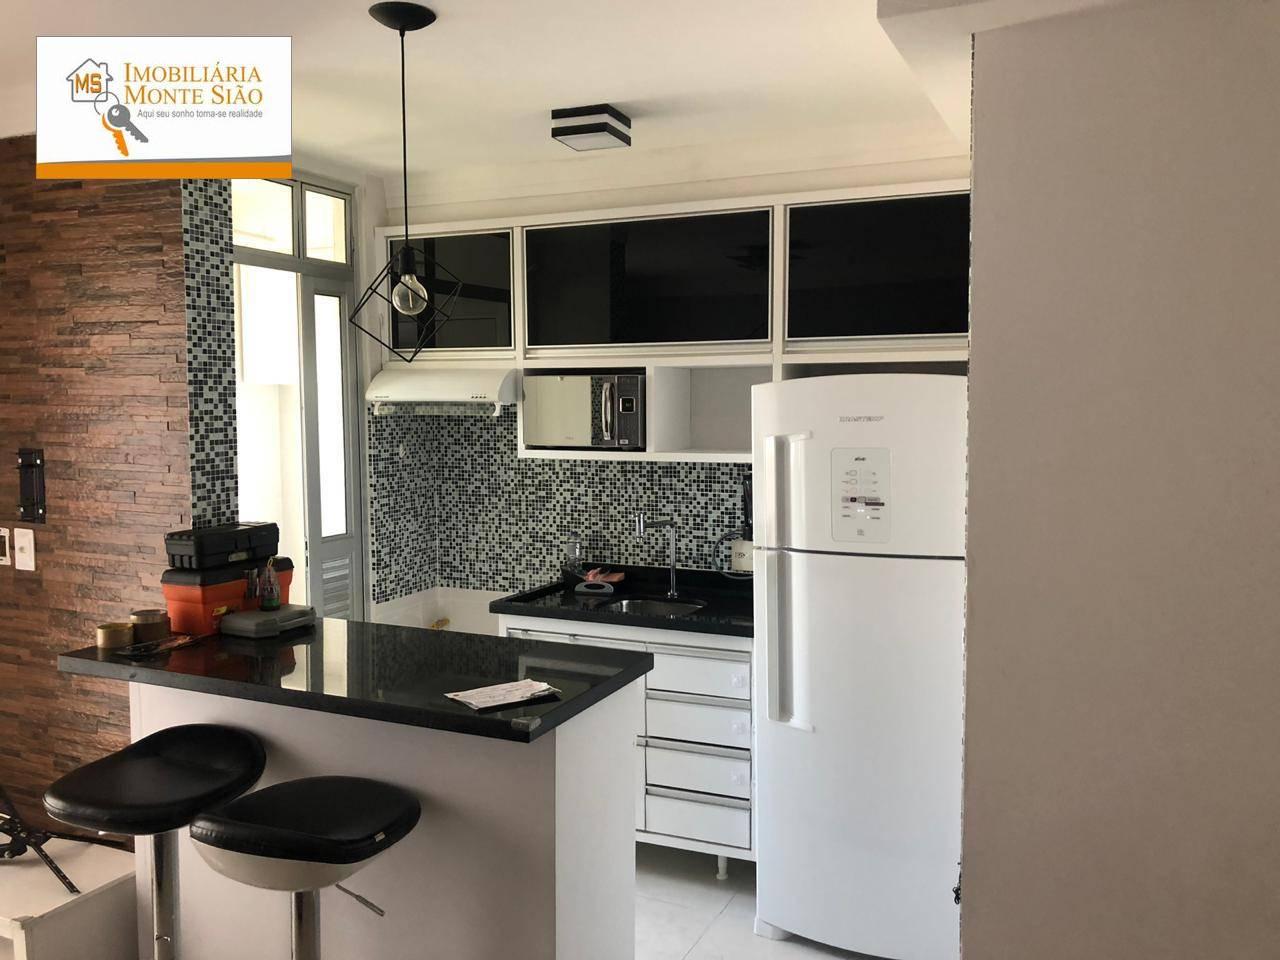 Apartamento com 2 dormitórios à venda, 64 m² por R$ 300.000,00 - Picanco - Guarulhos/SP